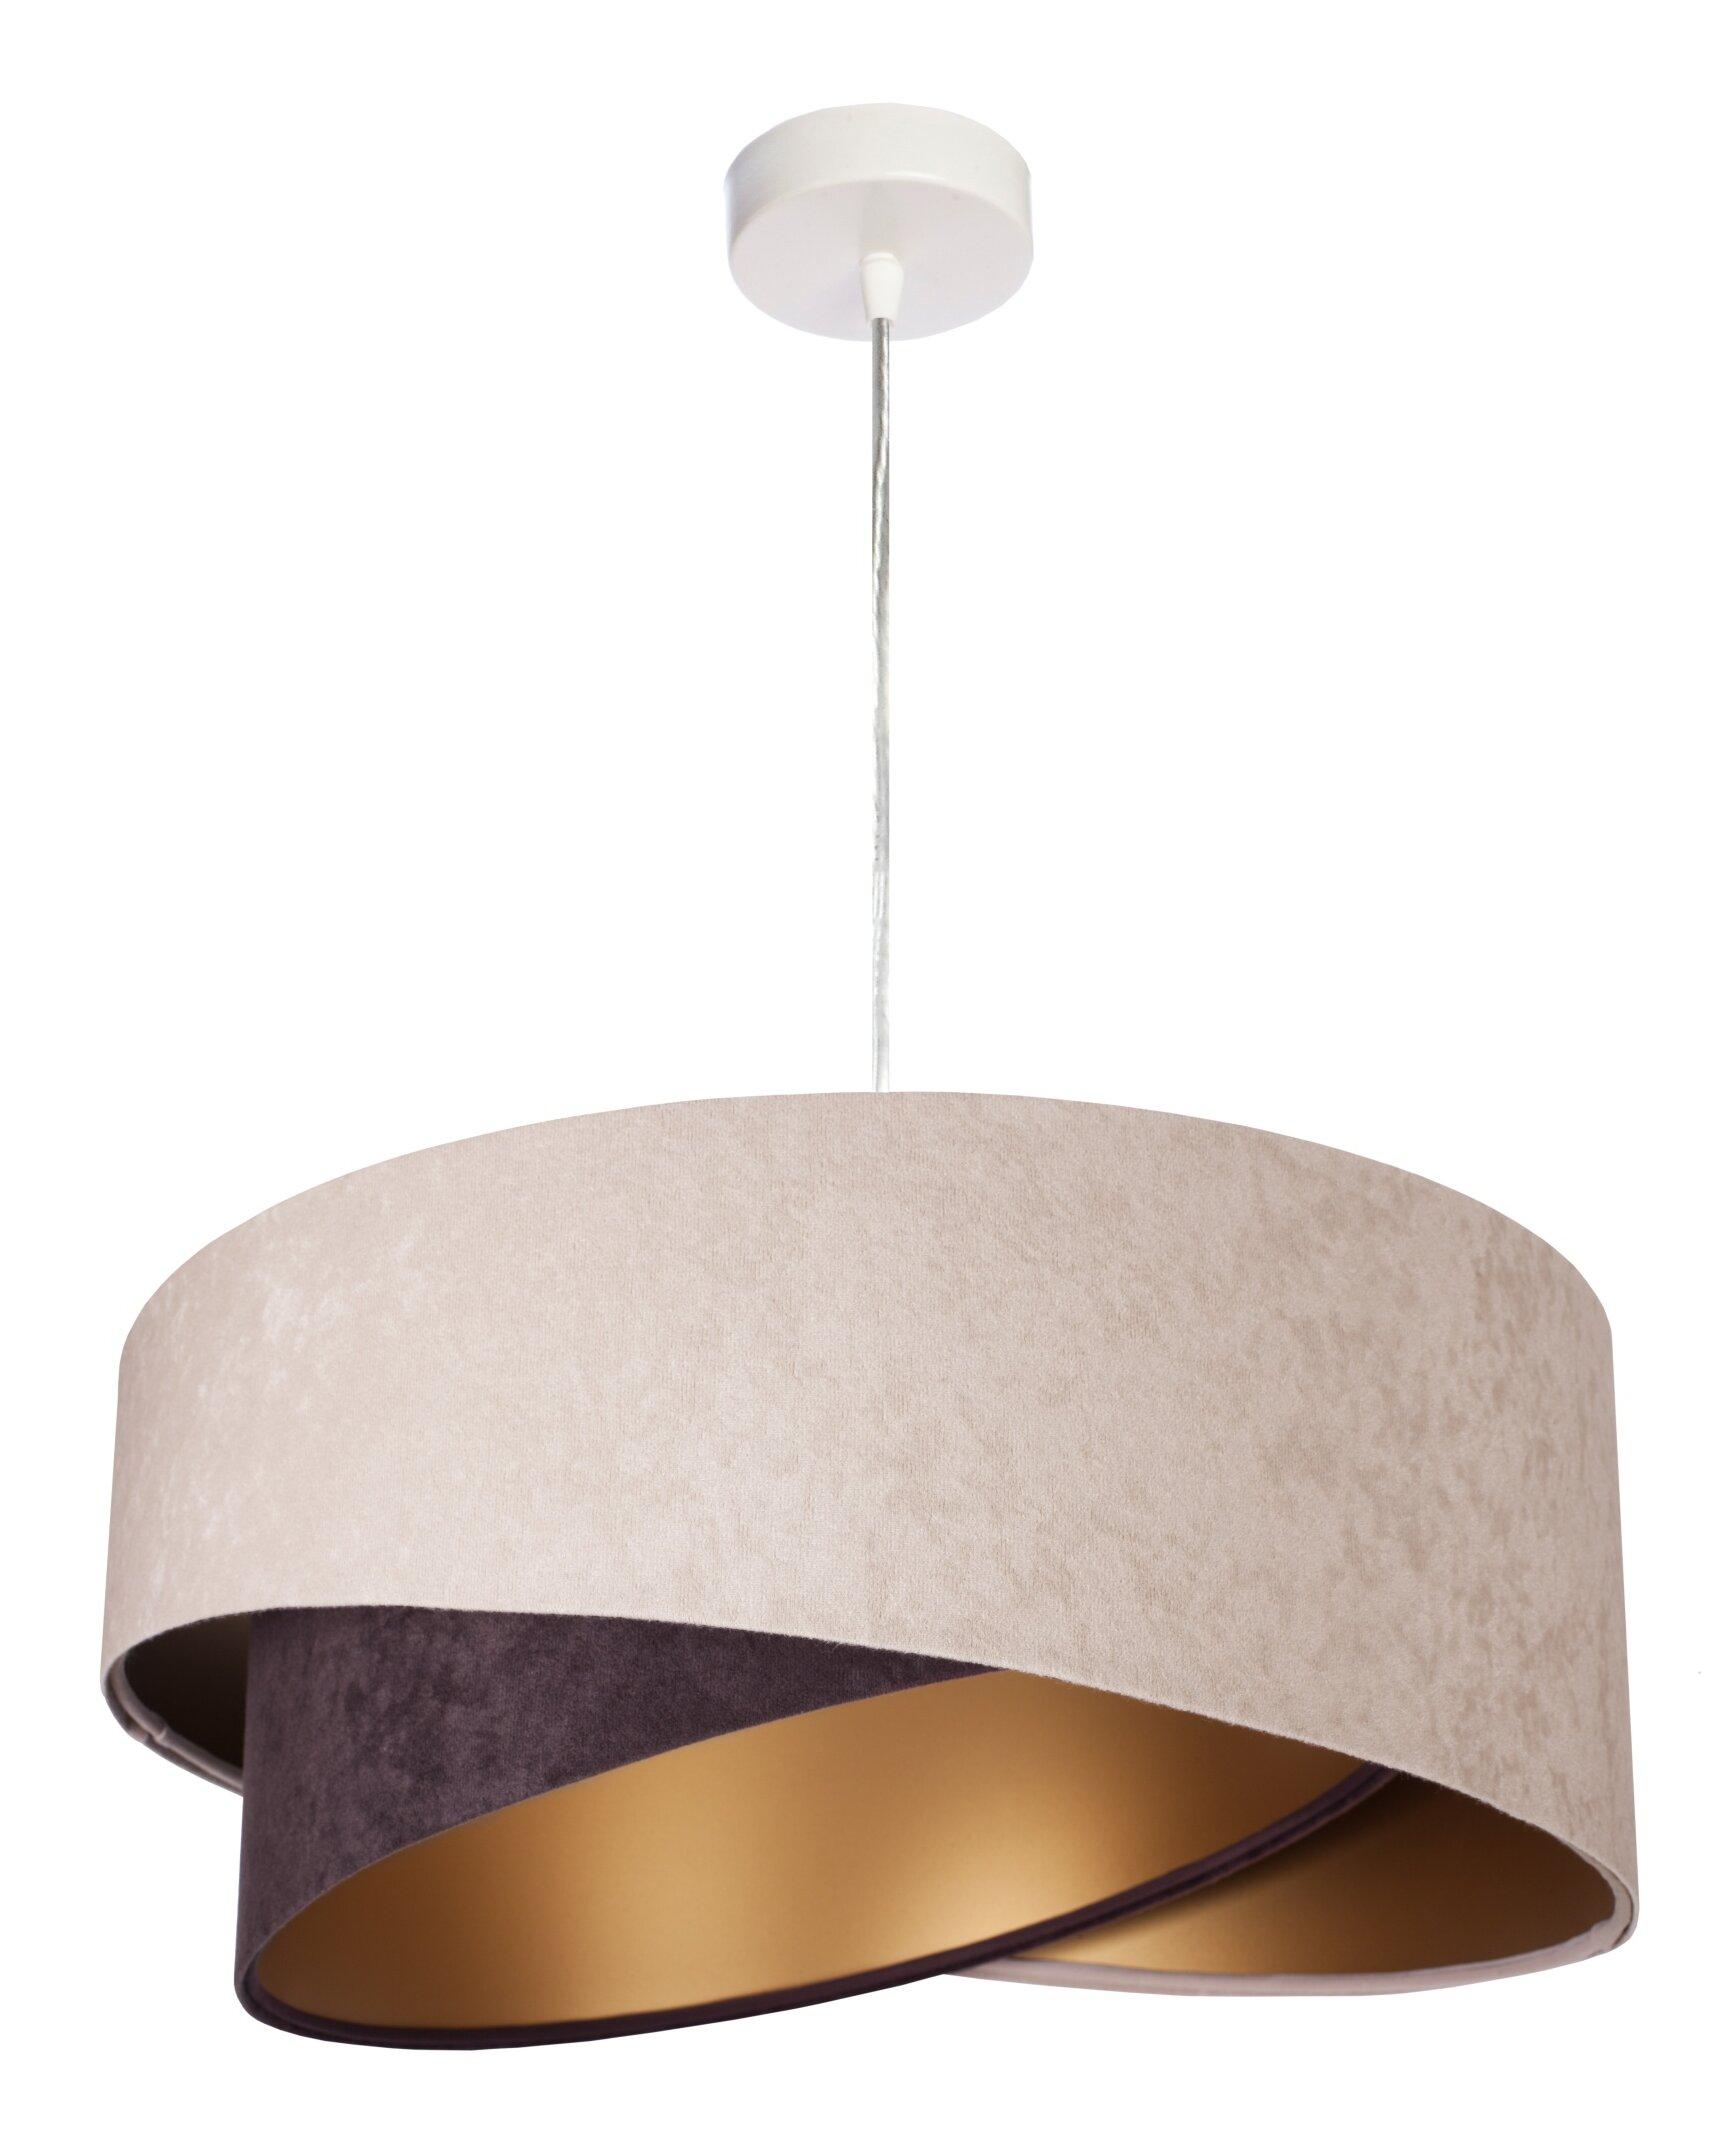 pdp lighting allmodern light drum pendant frederick ceiling reviews